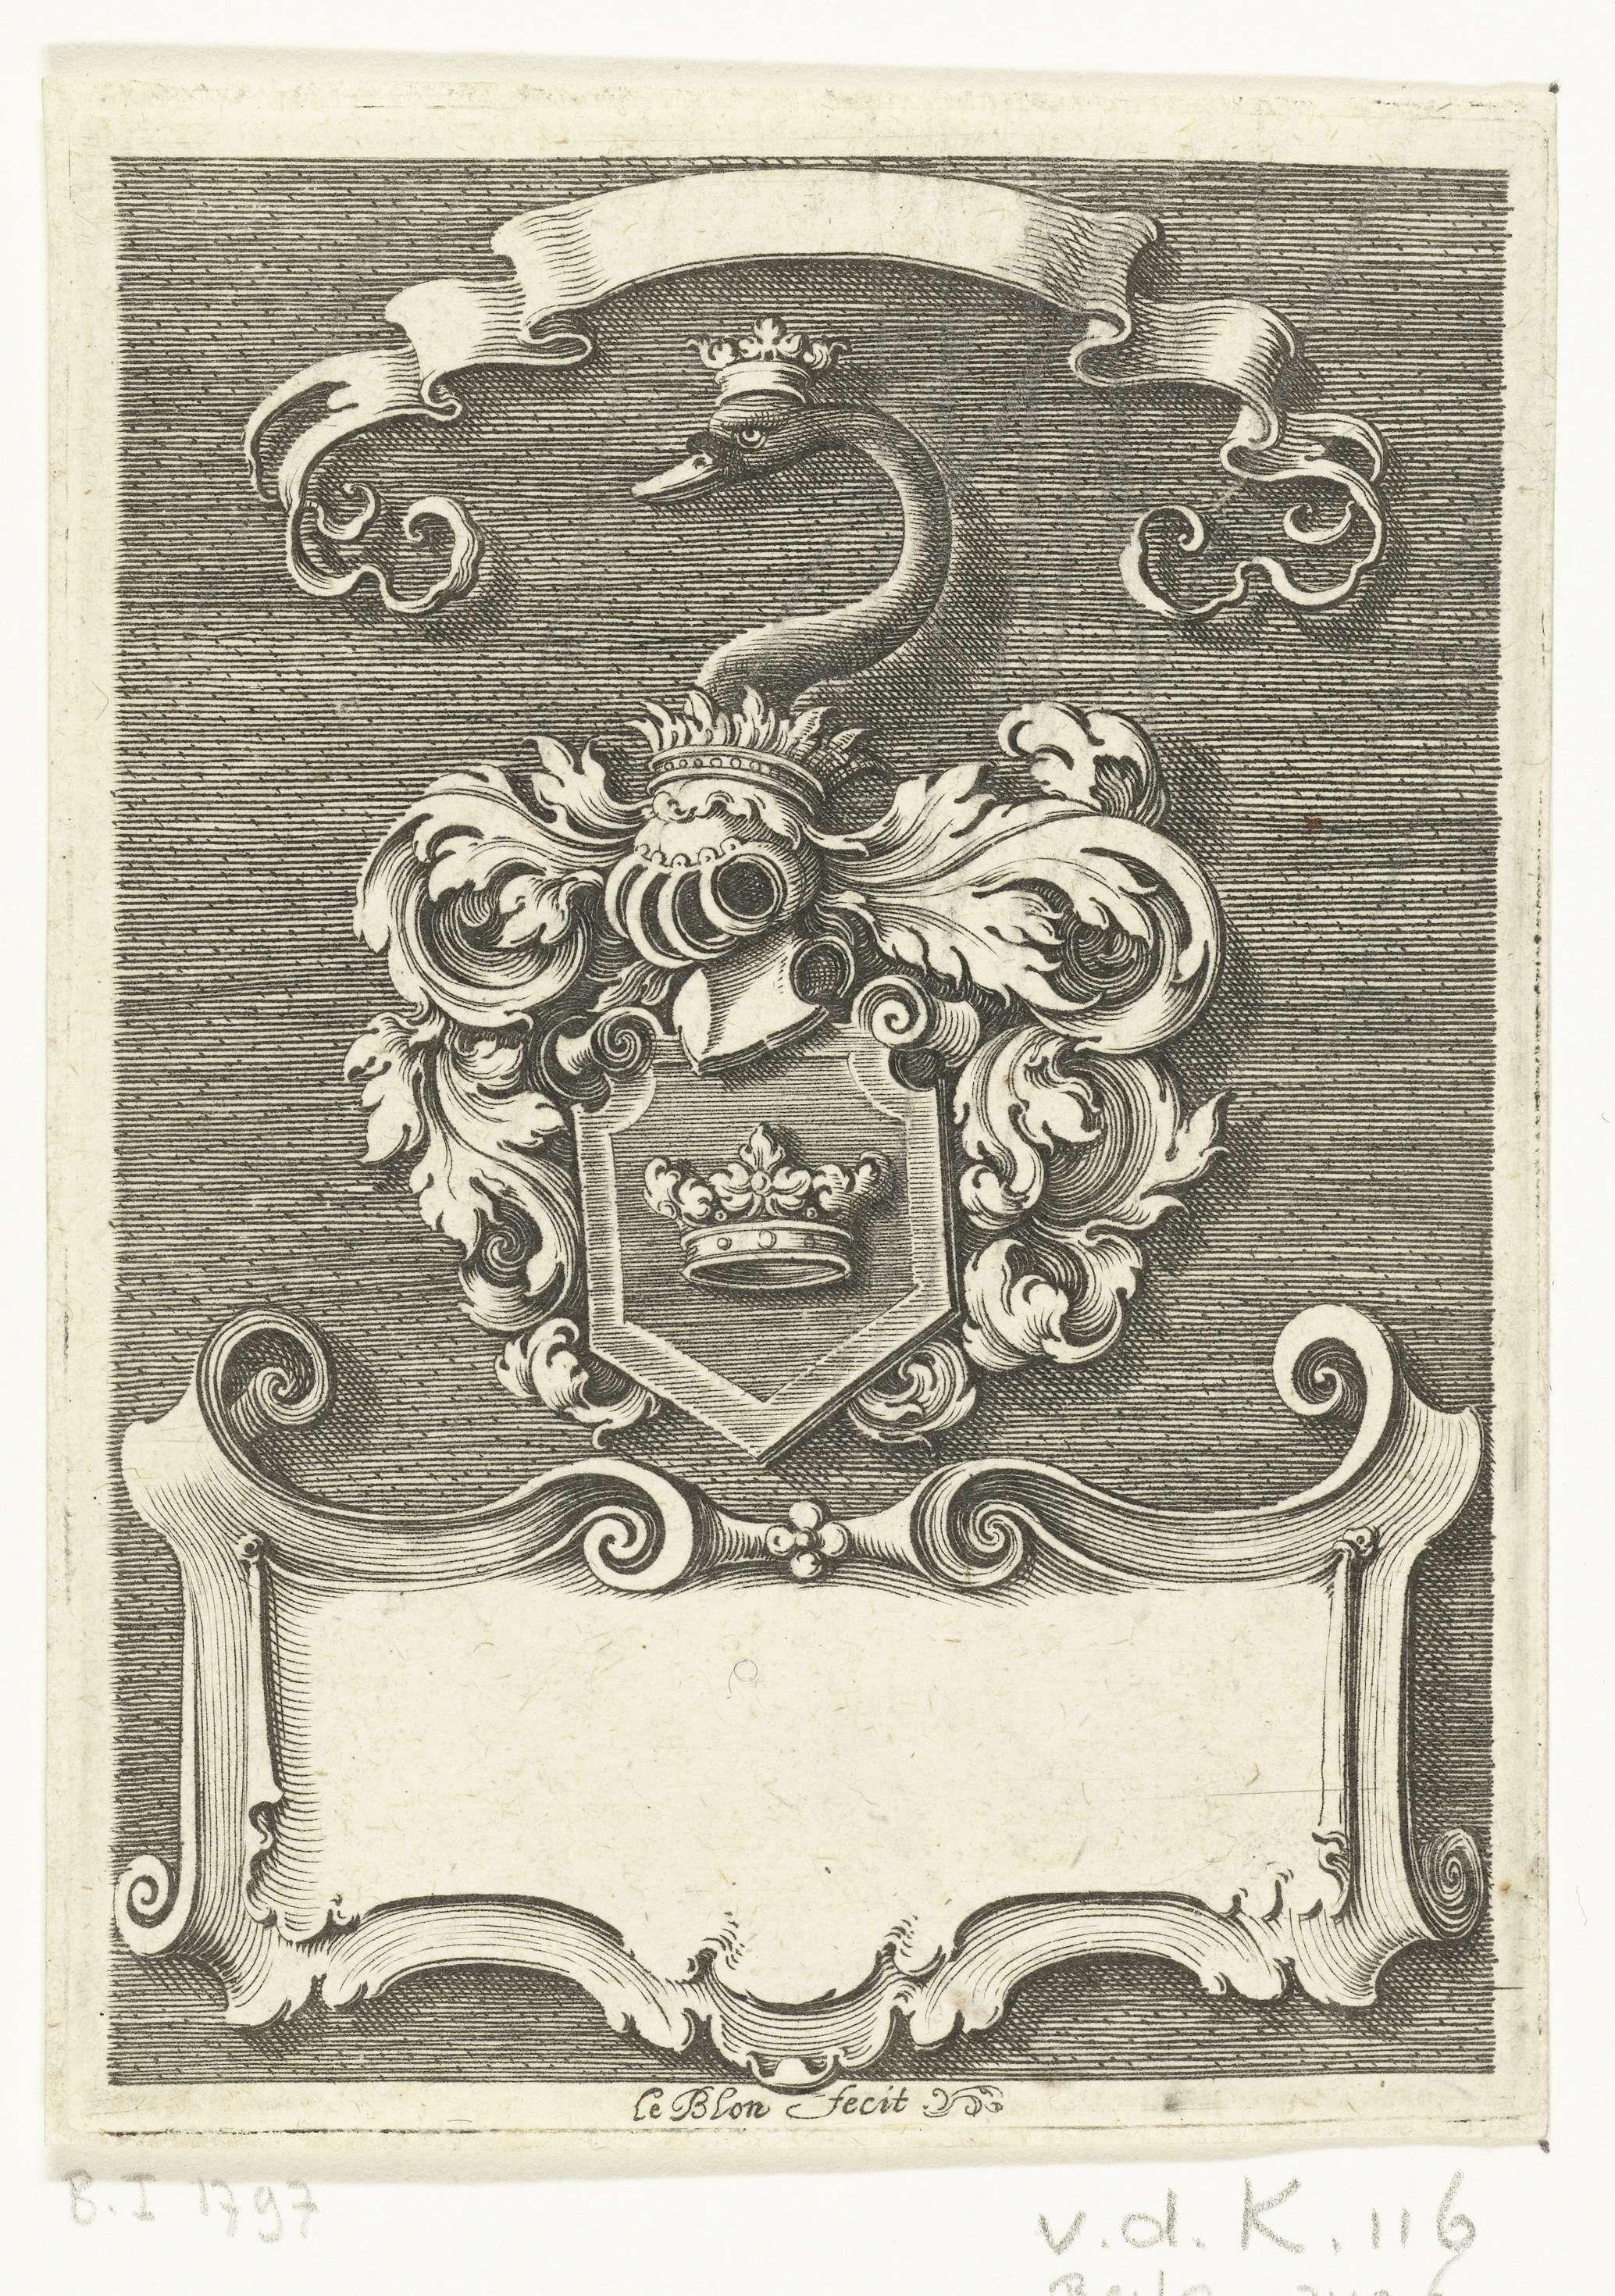 Michiel le Blon | Onbekend wapenschild, Michiel le Blon, c. 1611 - c. 1625 | Bovenaan hangt een banderol en onderaan een cartouche, beide leeg. Op het wapenschild staat een kroon. Uit serie van 20 bladen.